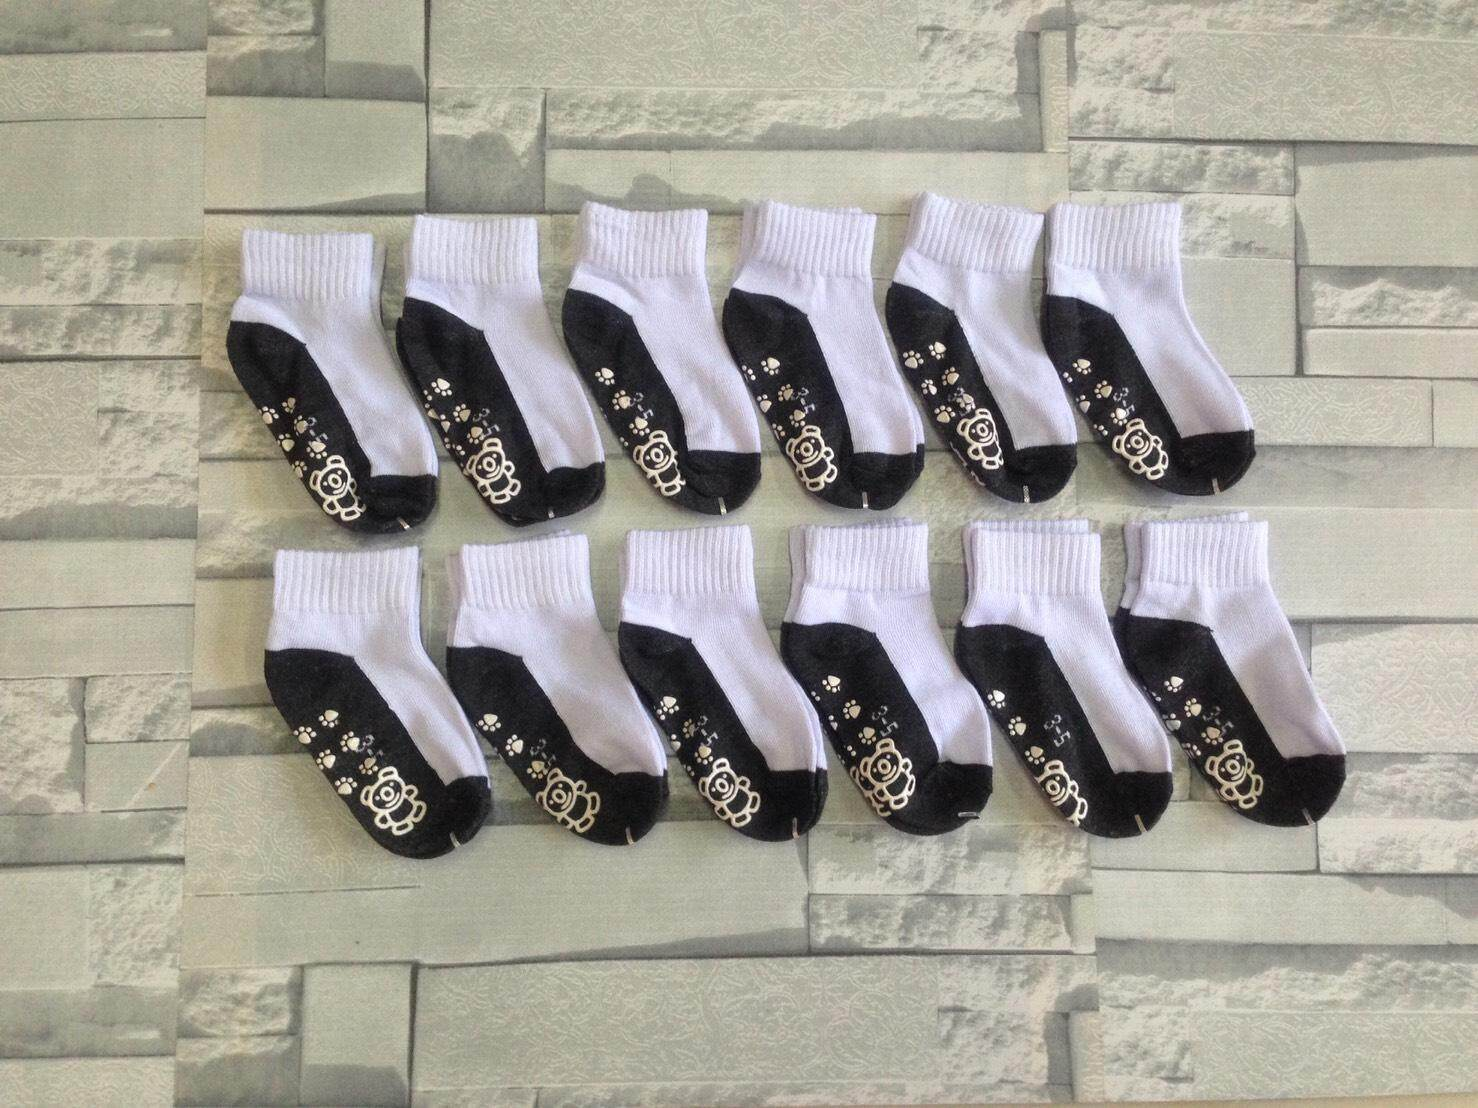 ถุงเท้านักเรียน มีกันลื่น ไซด์ 3-5 ปี (จำนวน 12 คู่)